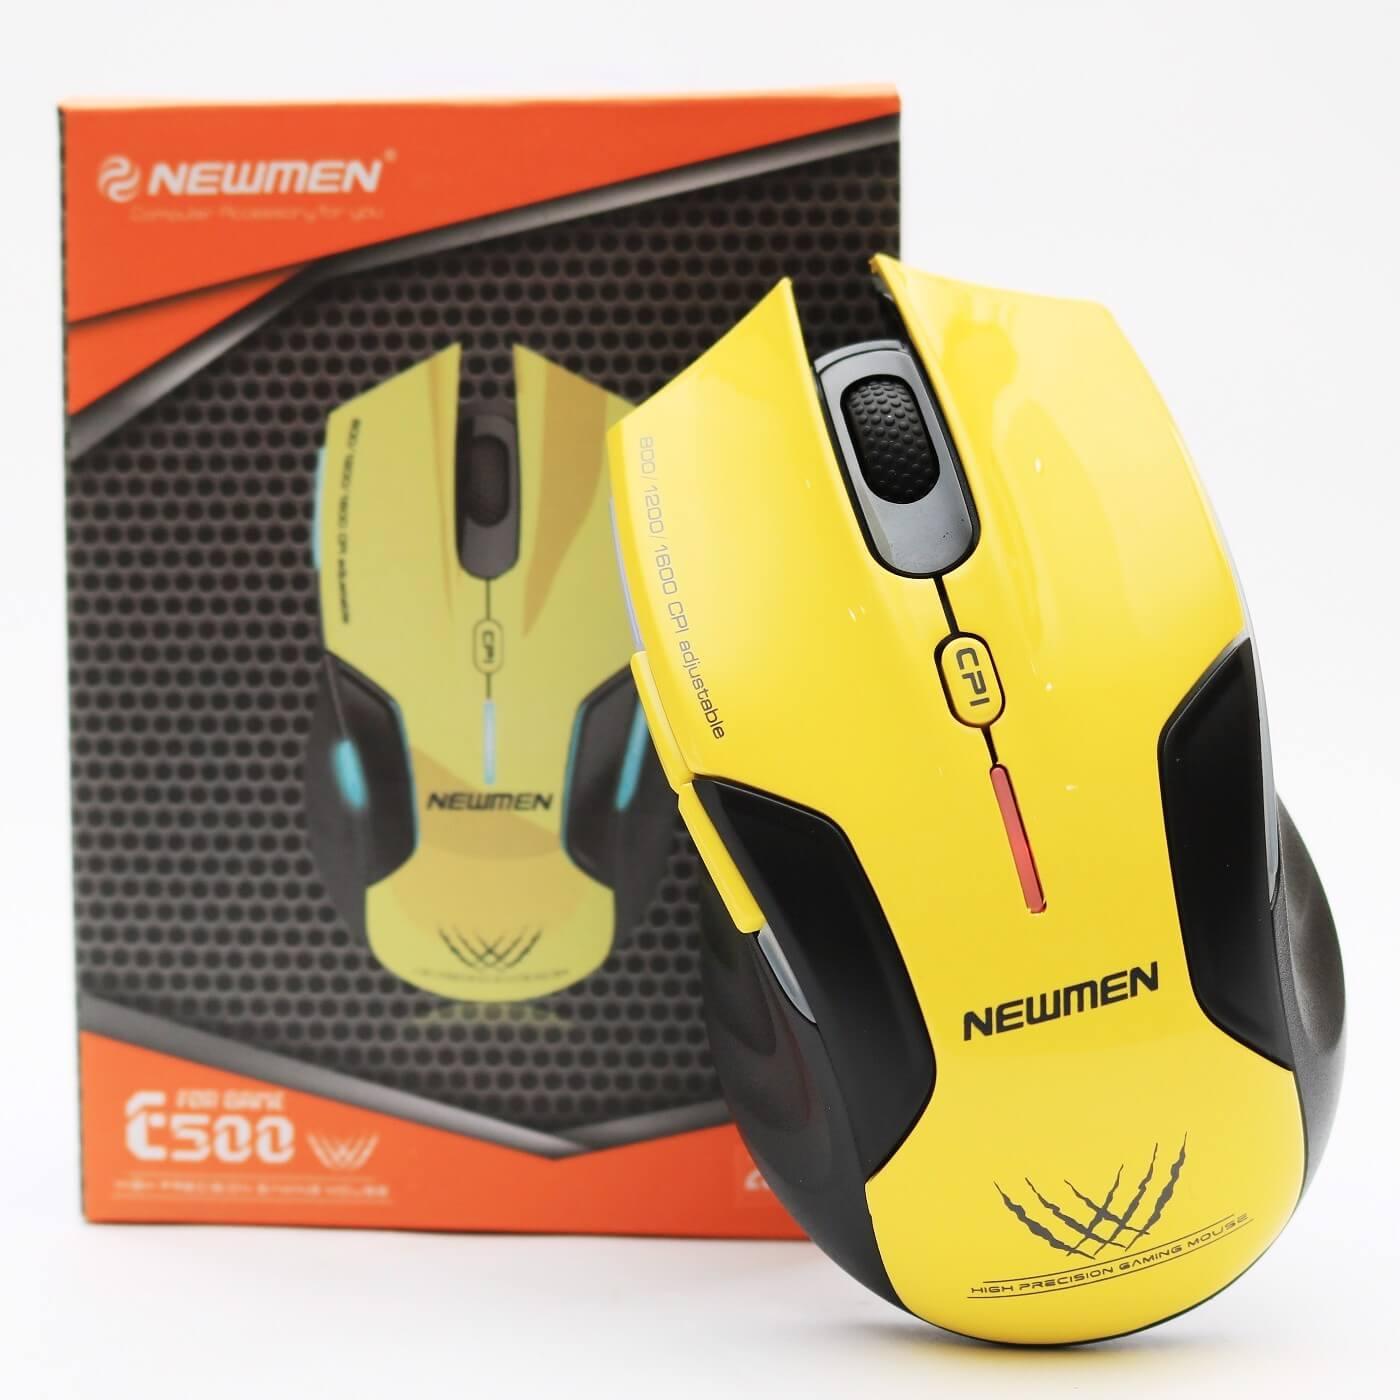 Chuột không dây Newmen E500